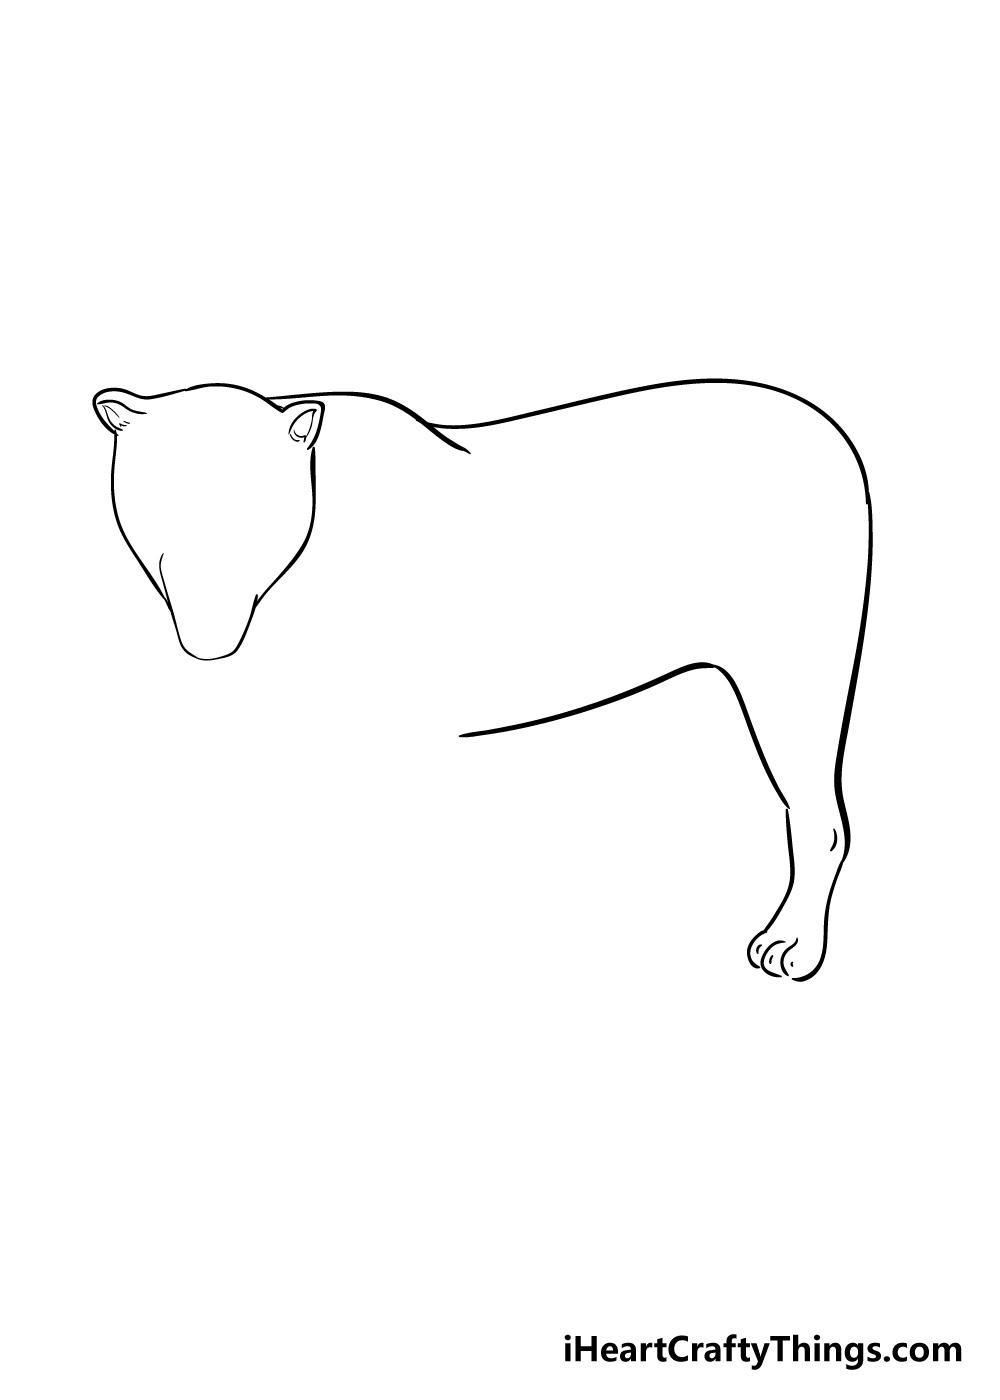 jaguar drawing step 3